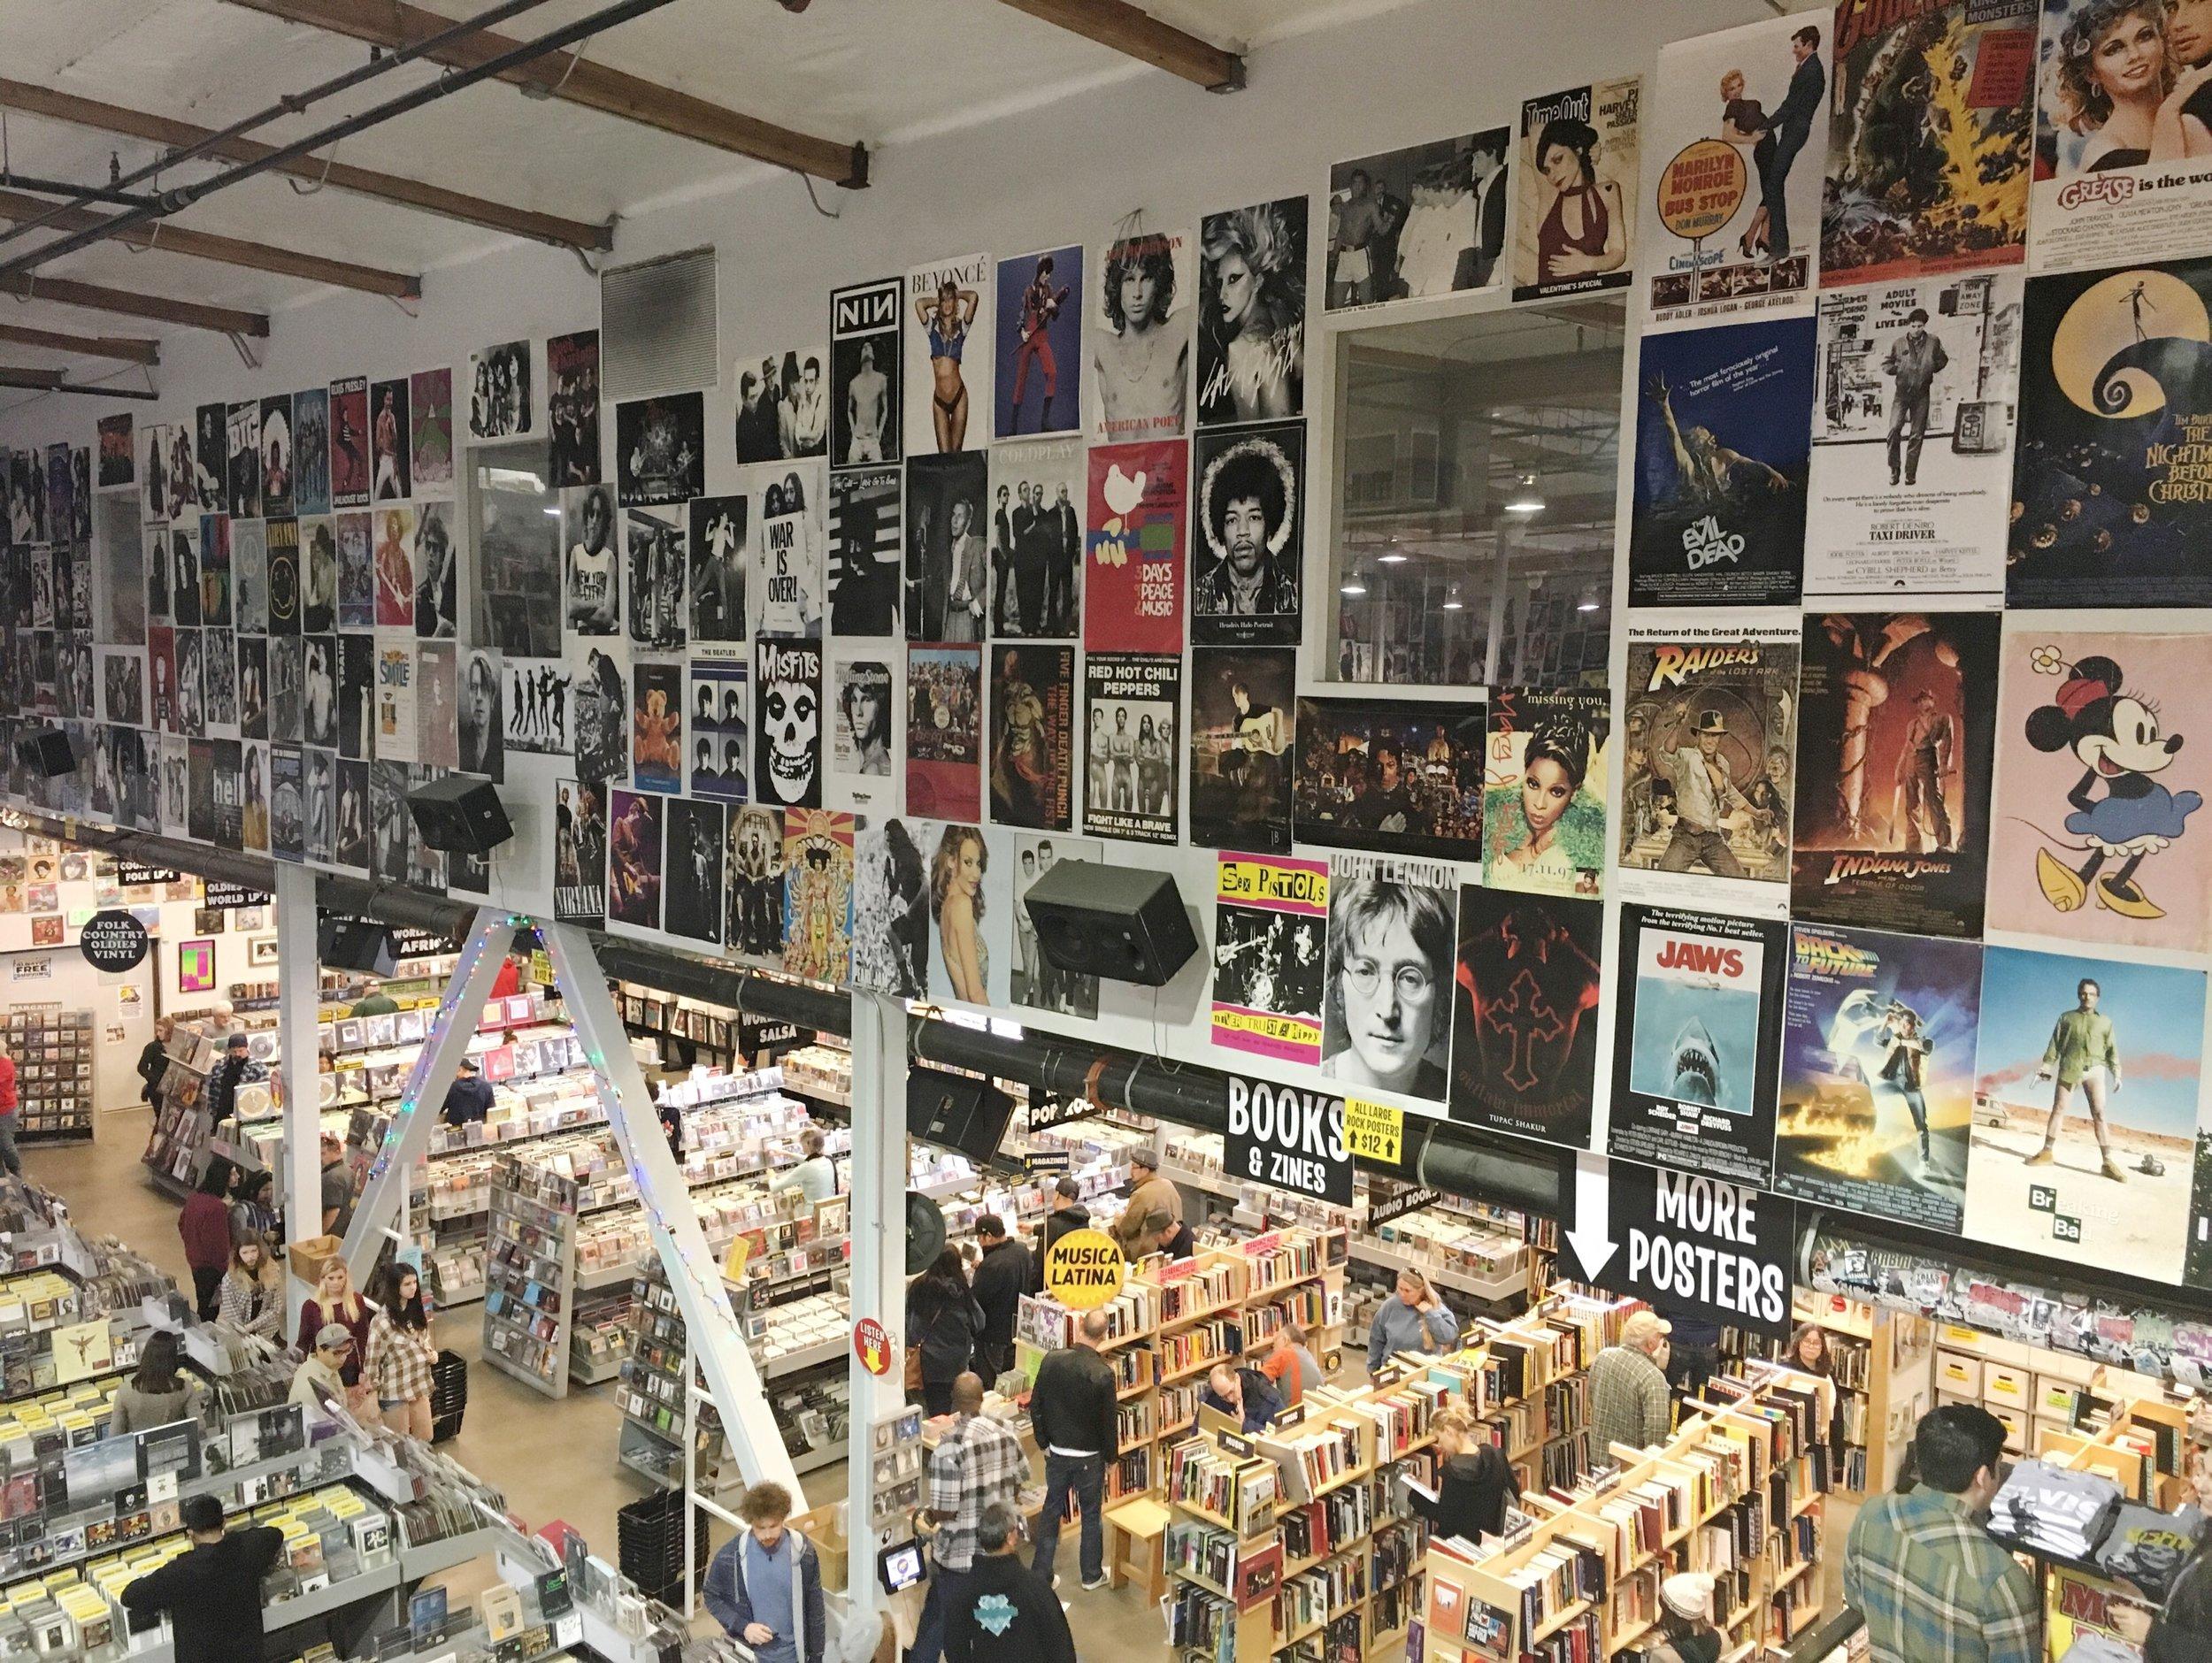 Amoeba record store